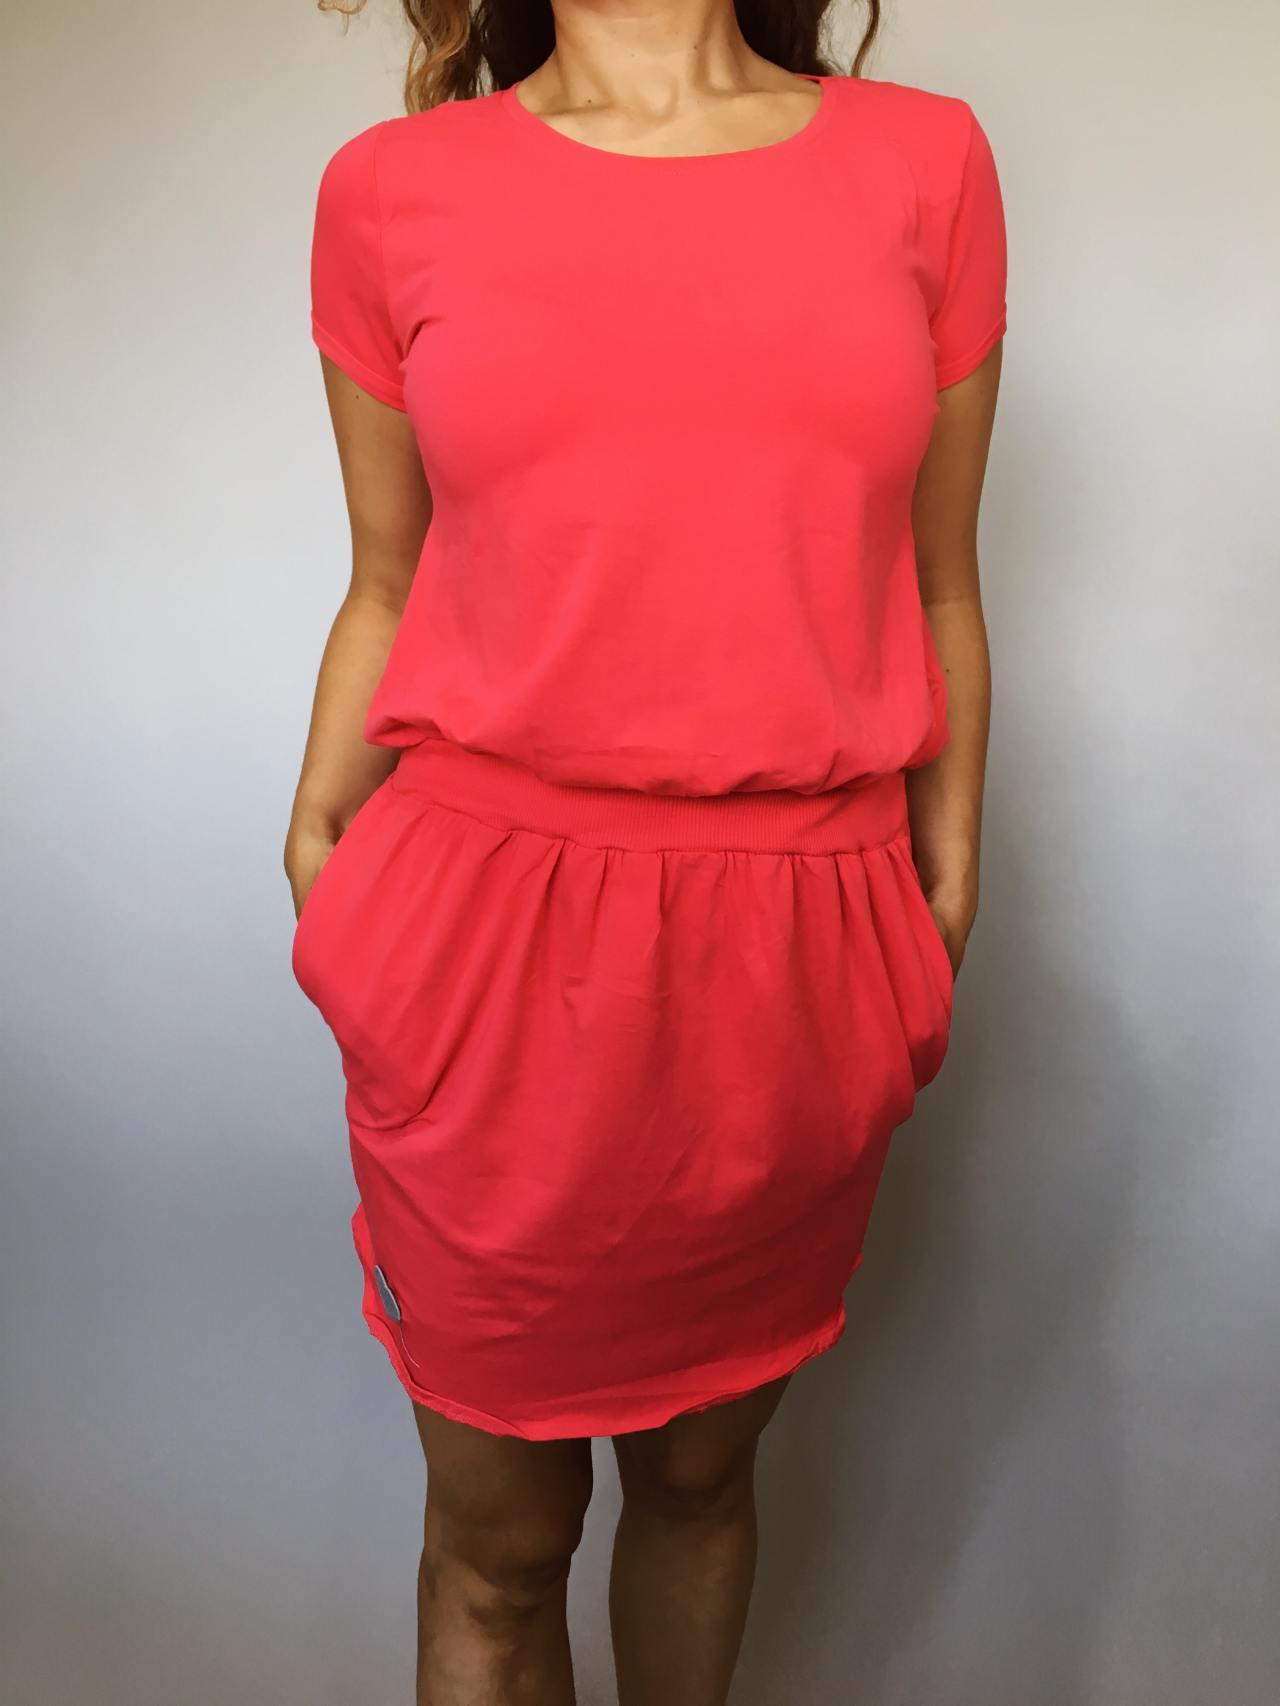 Šaty Carry červené 02